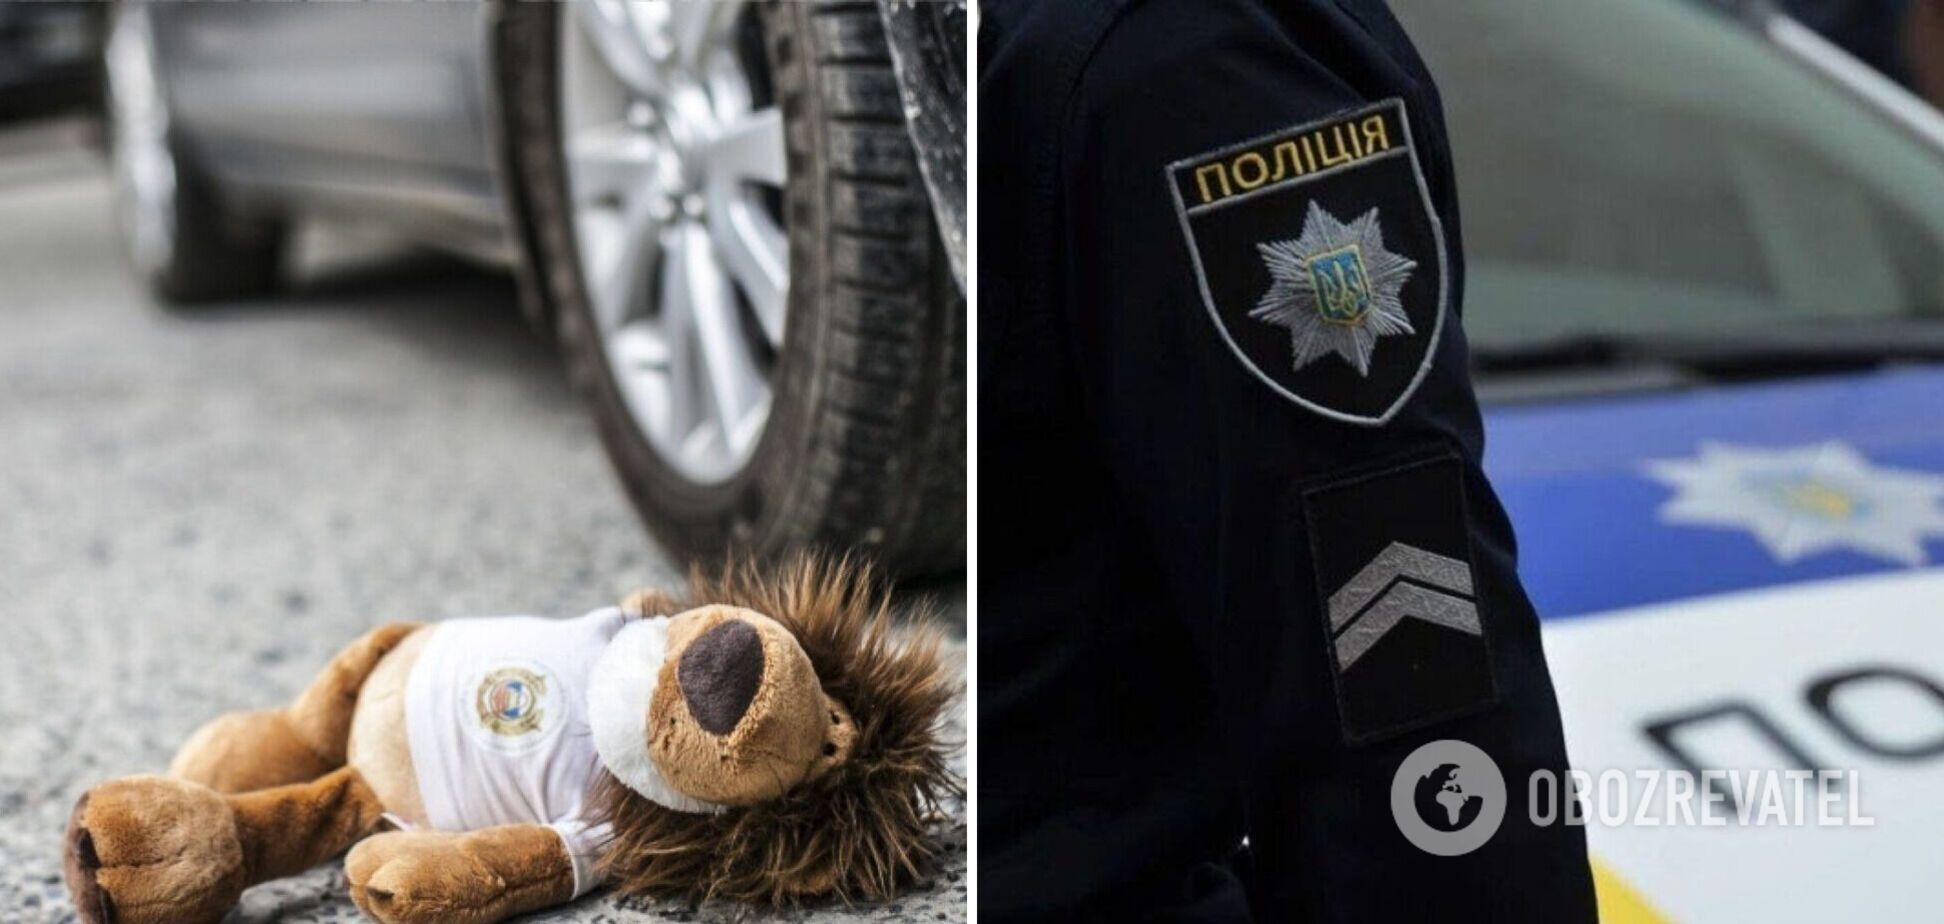 На Хортице пьяный водитель на скорости сбил семью с ребенком. Фото и детали трагедии